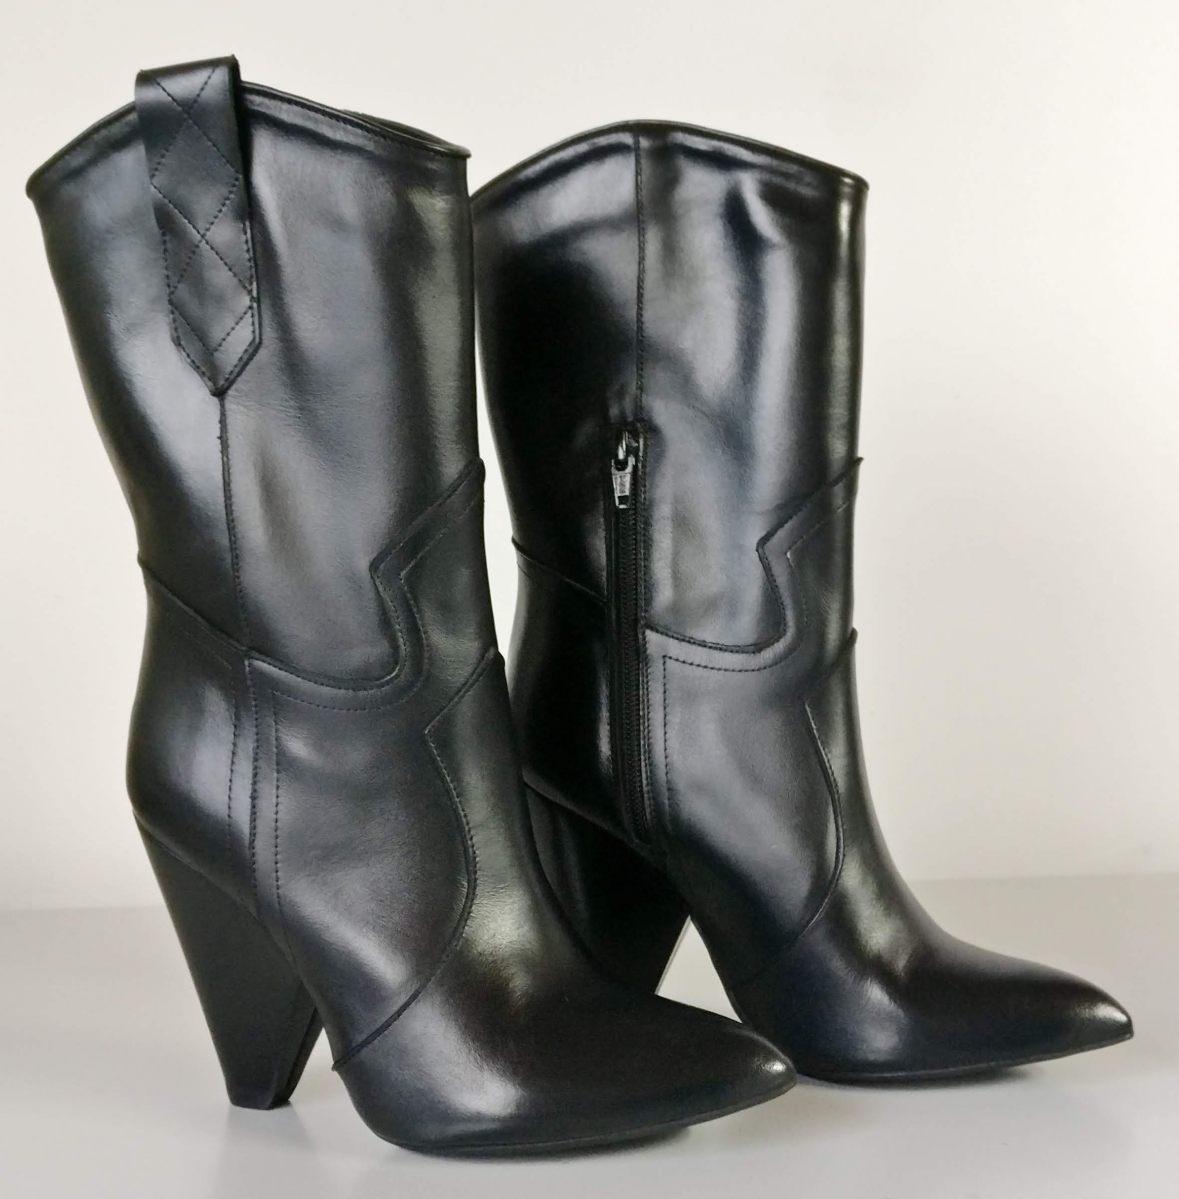 Stivali medi vitello nero tacco 10 cm